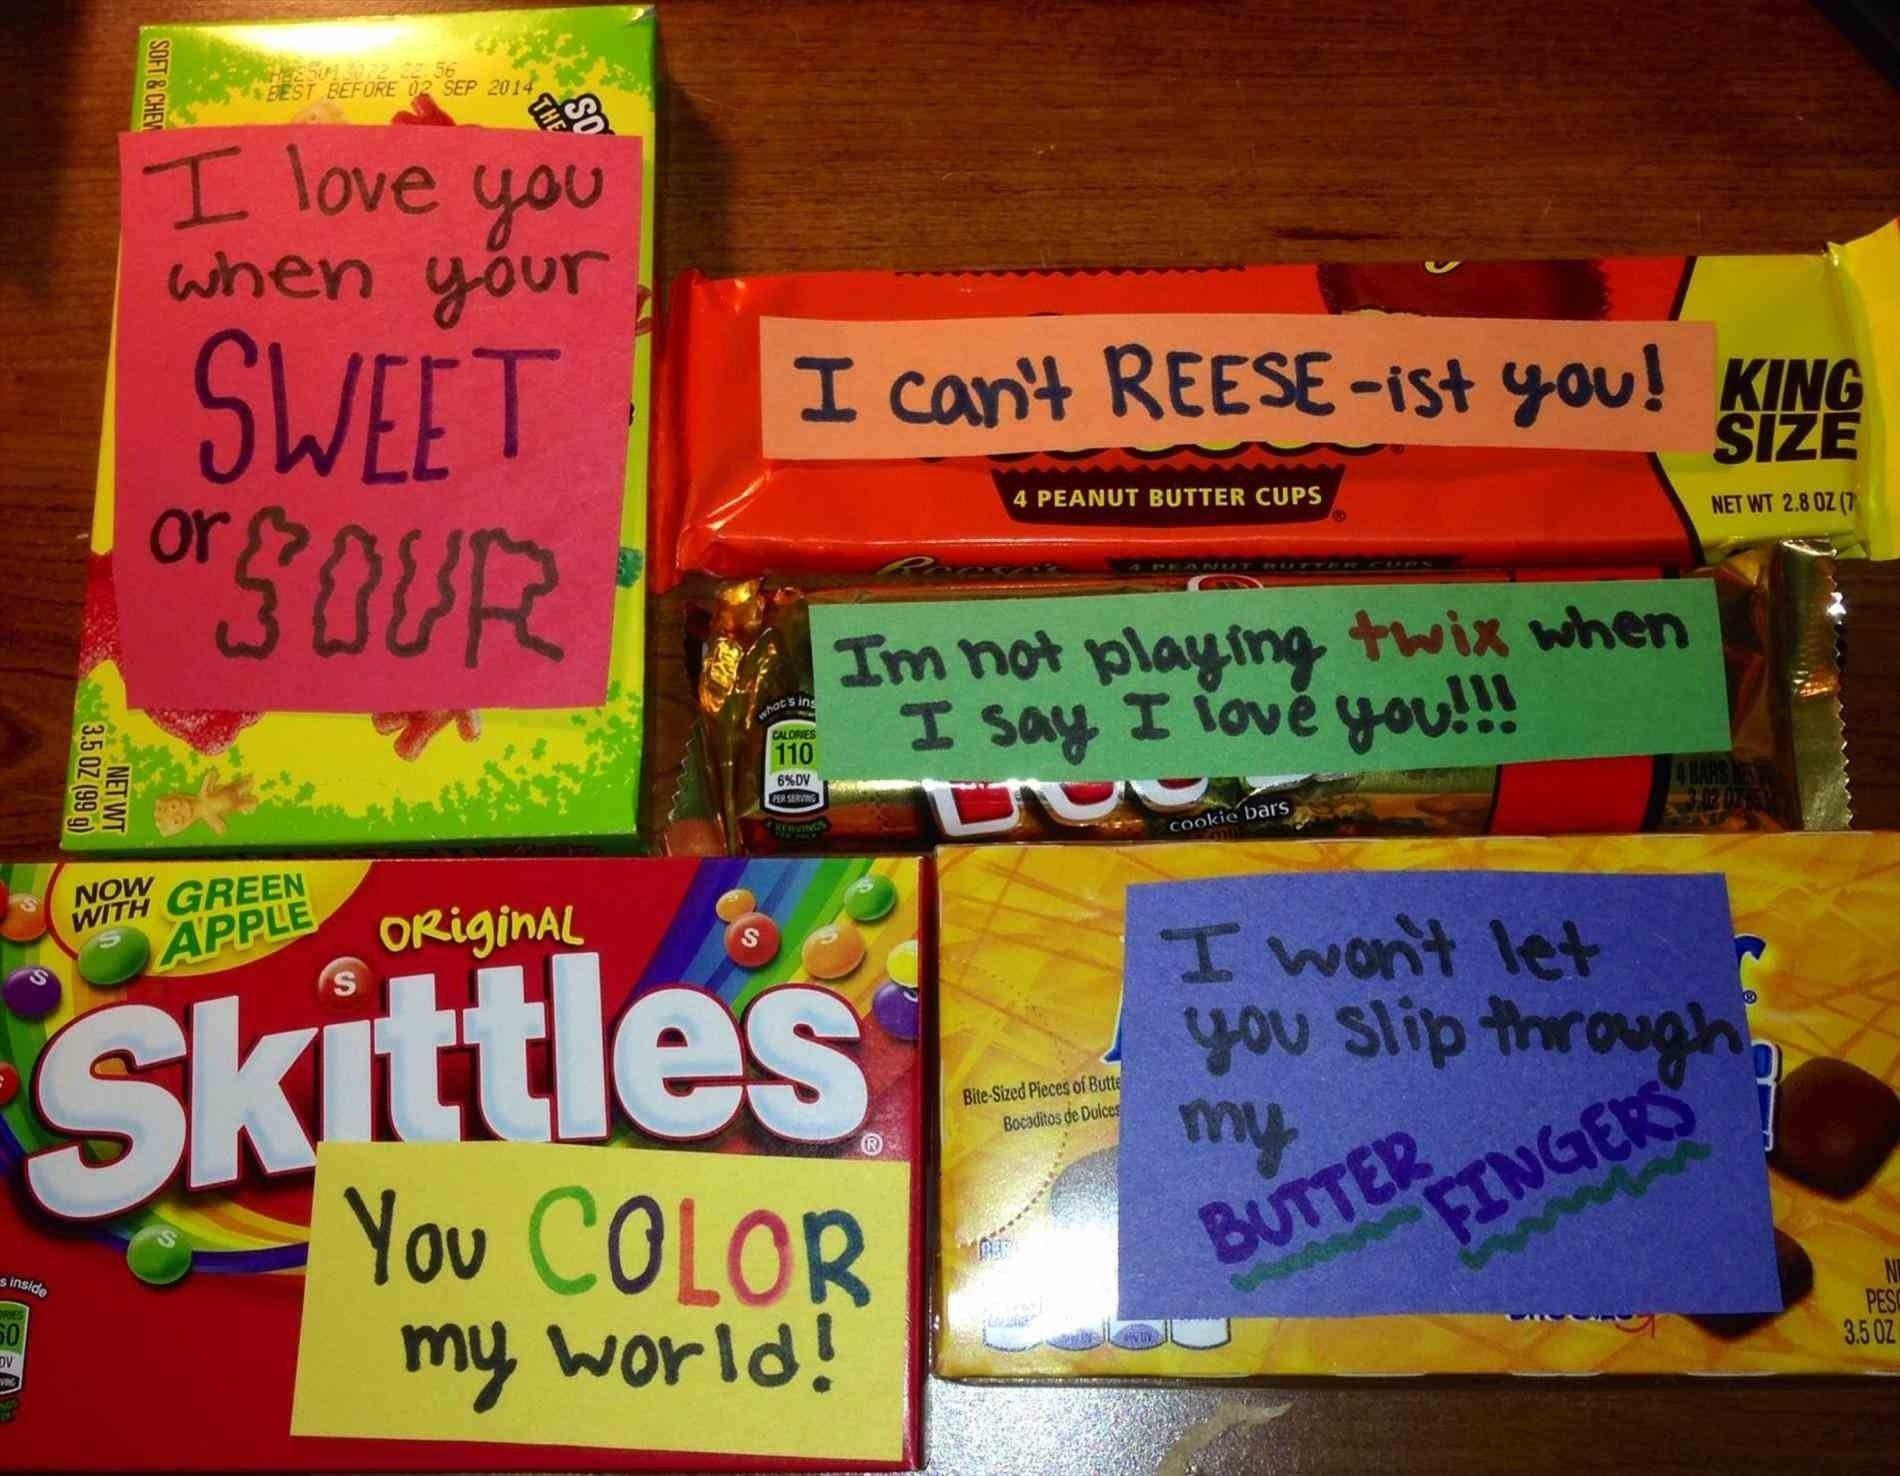 10 Attractive Cute Birthday Ideas For Your Boyfriend Gift Candy Bar Cards Rhcom Boyfriends